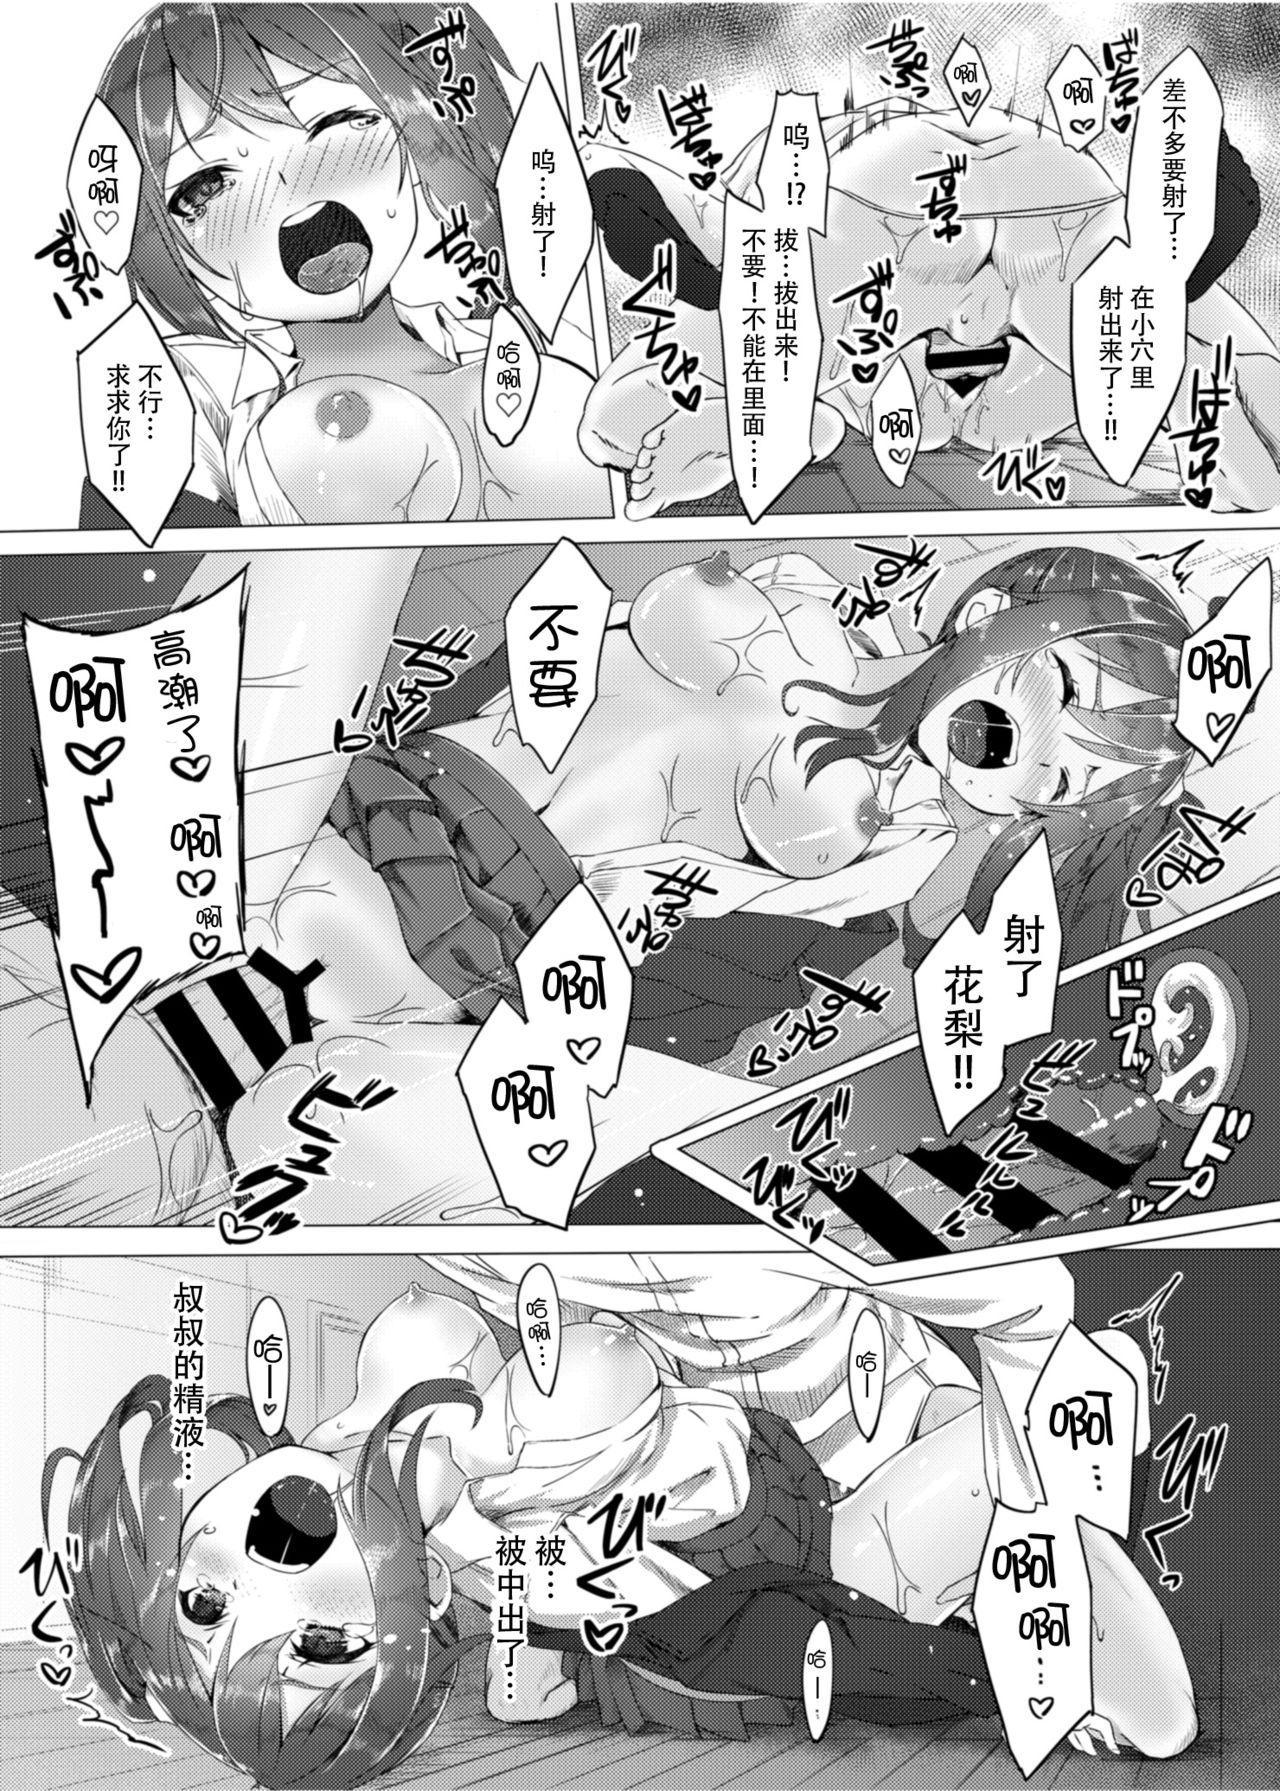 Meikko Breeding 11